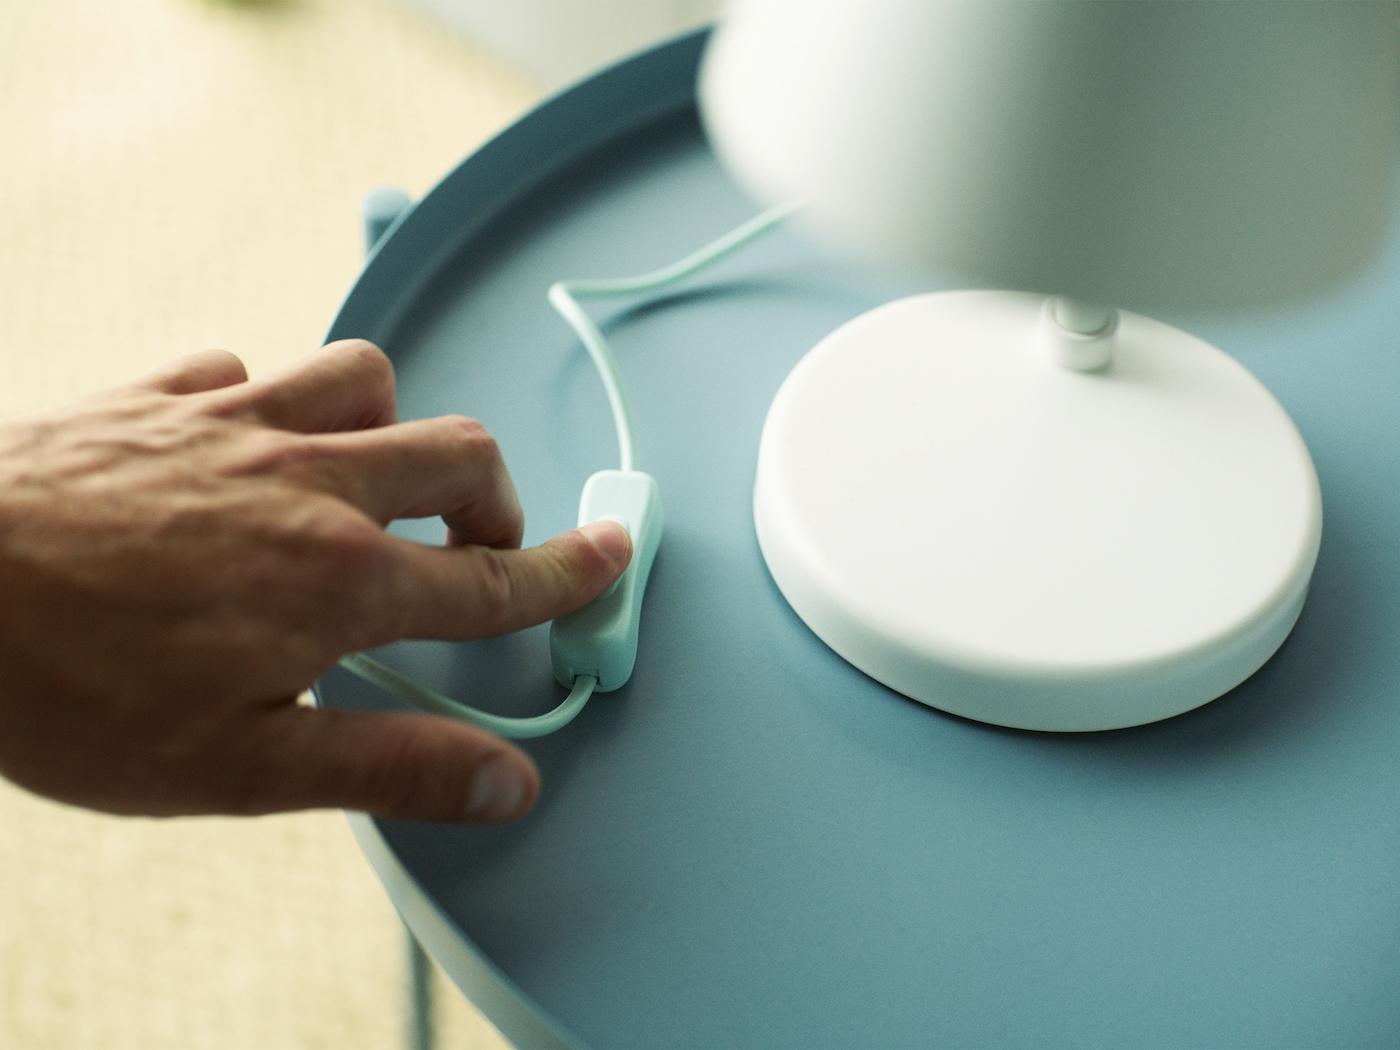 Eine Hand schaltet das Licht einer weißen Tischleuchte auf einem hellblauen Tisch aus.